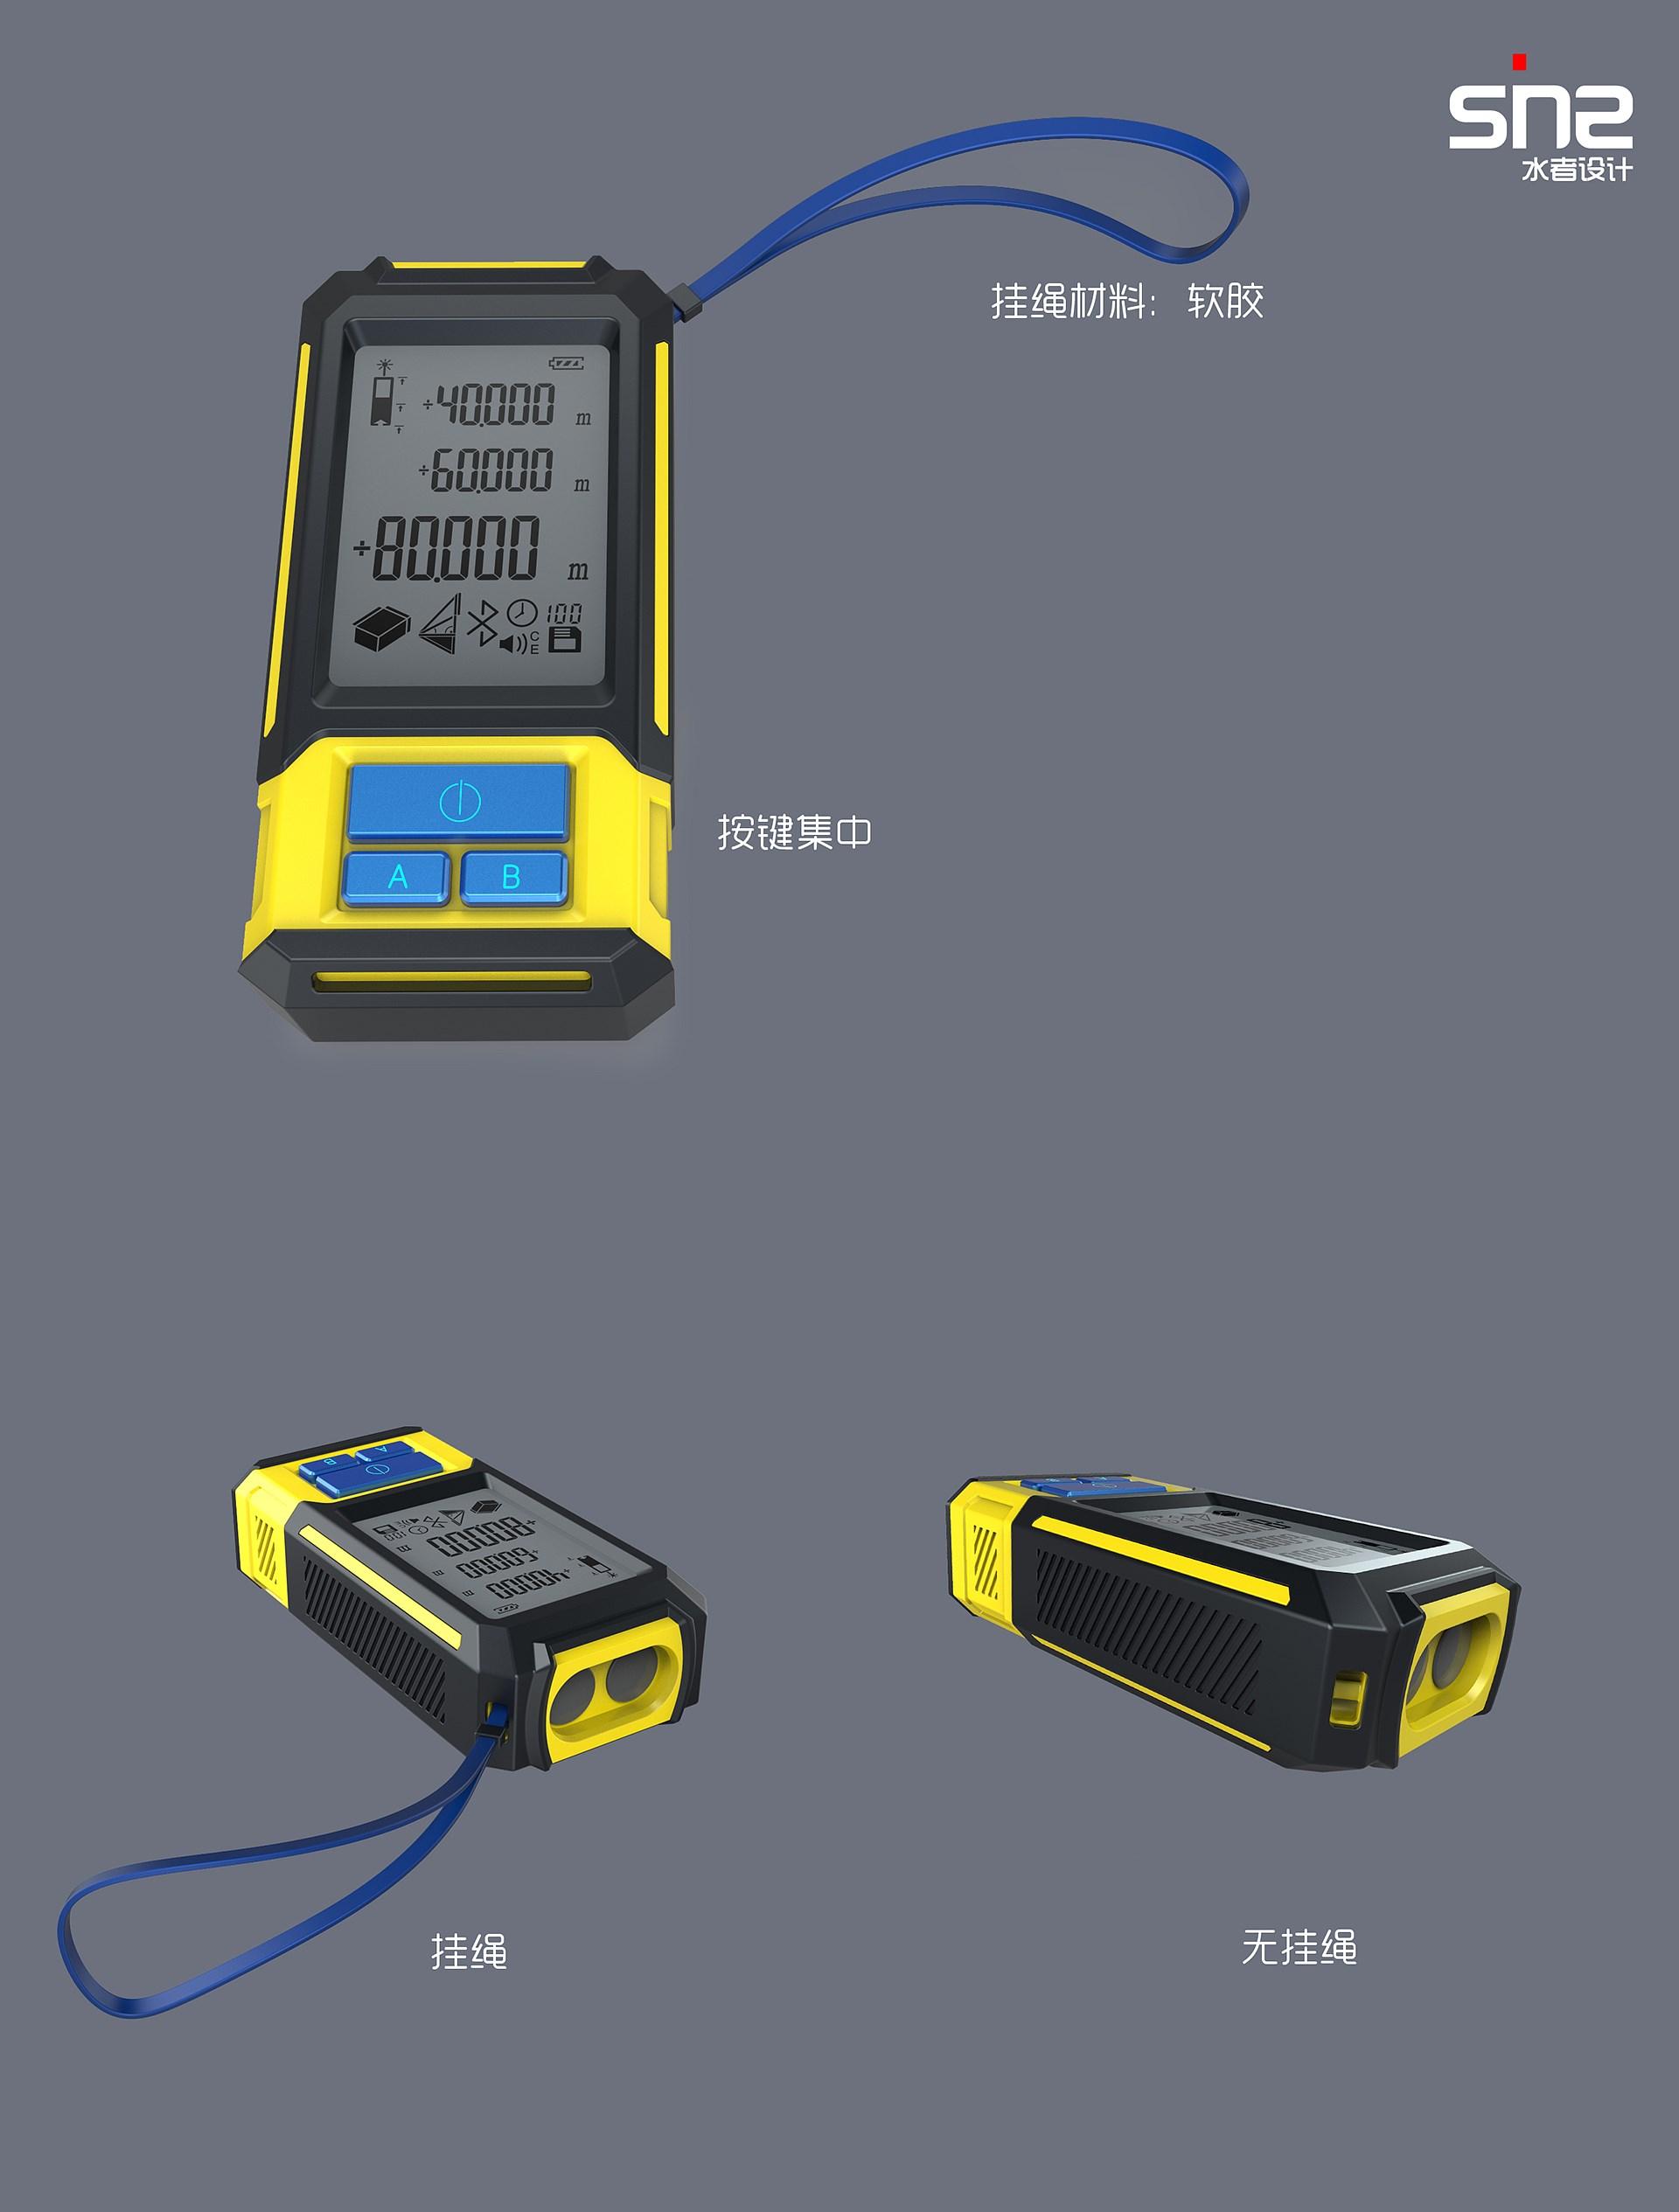 1手?#36136;?#28608;光测距仪工业设计1.jpg